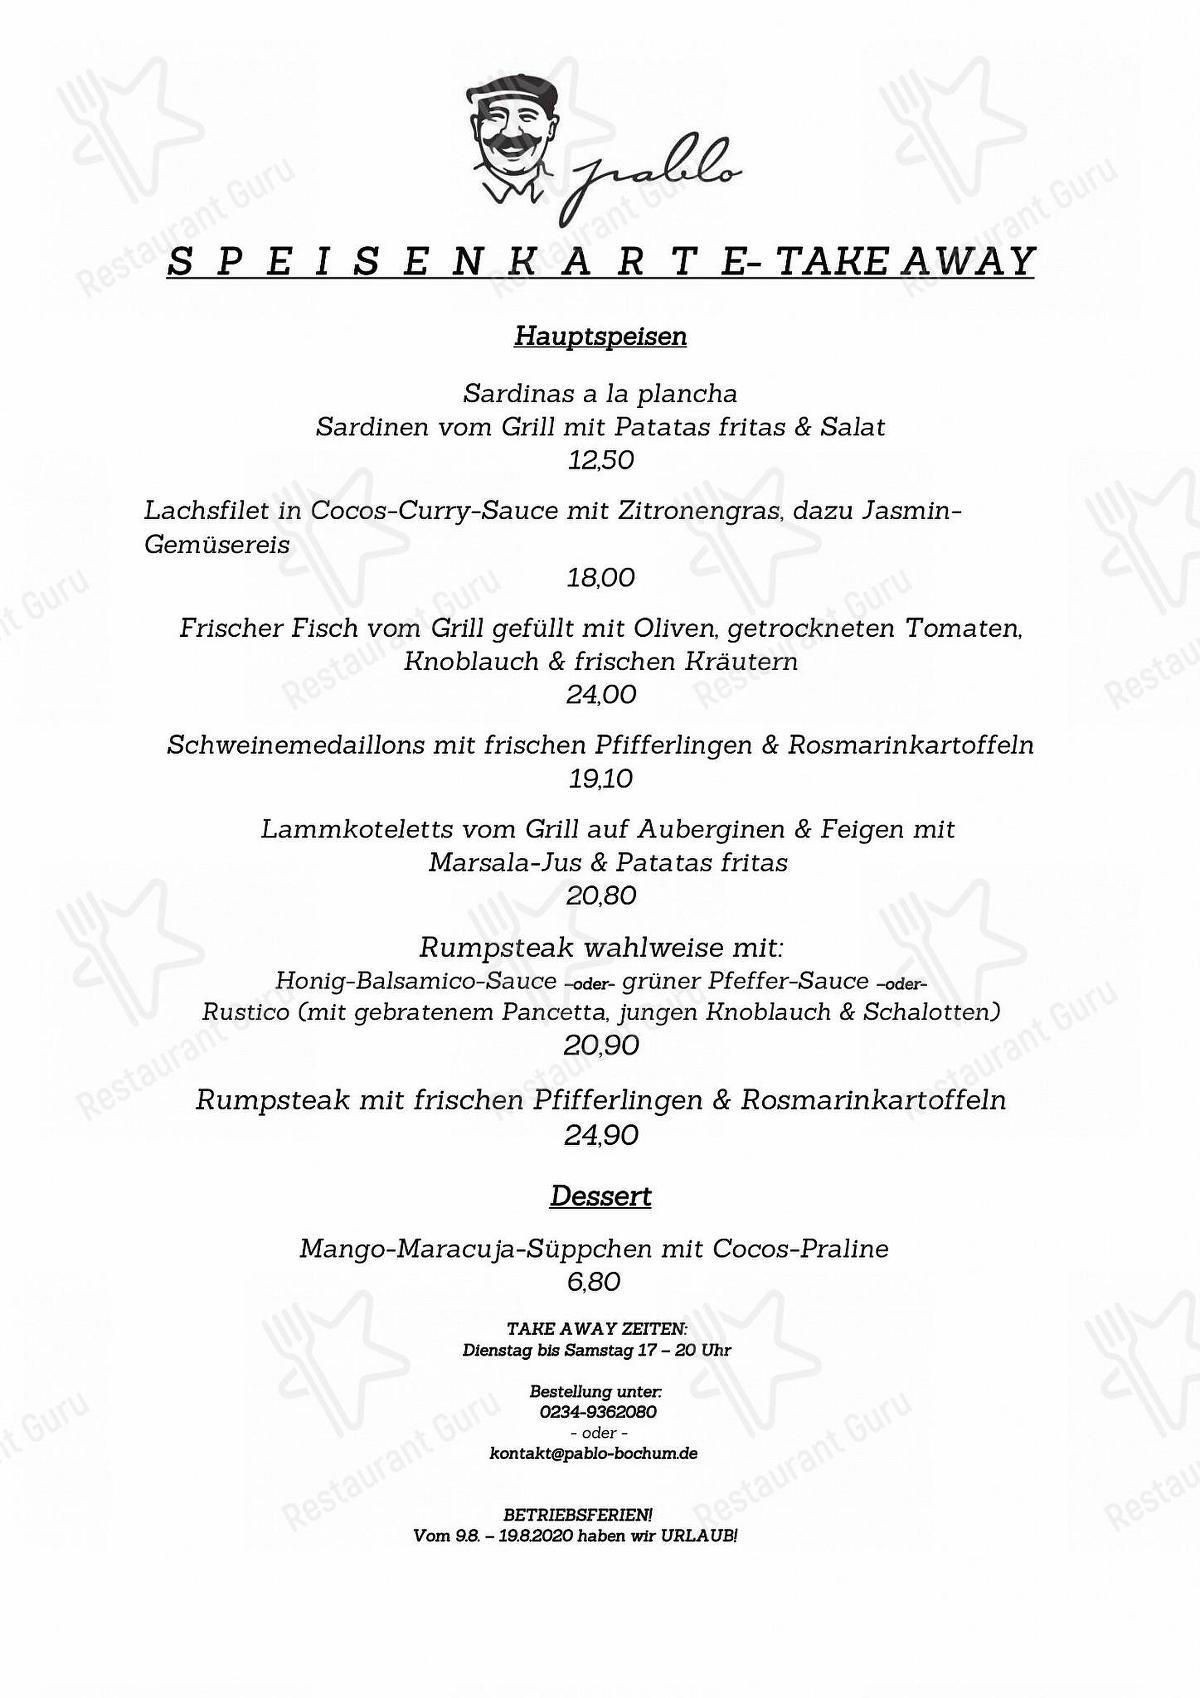 Pablo Restaurant & Kneipe Speisekarte - Gerichte und Getränke